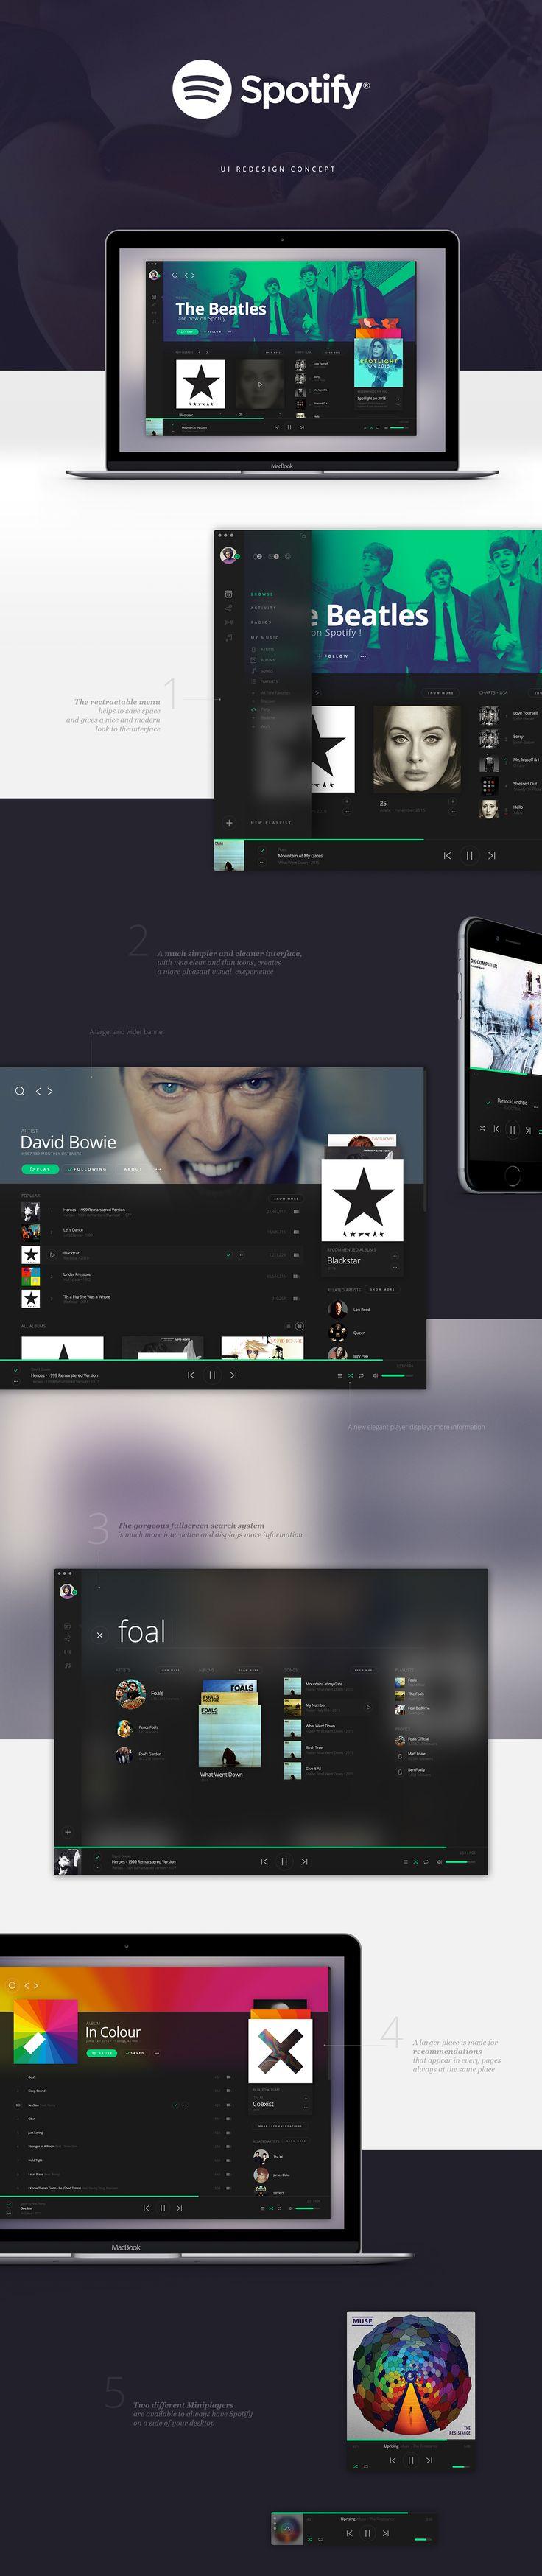 https://medium.com/muzli-design-inspiration/redesign-concepts-for-popular-websites-4-826293c5e1d7